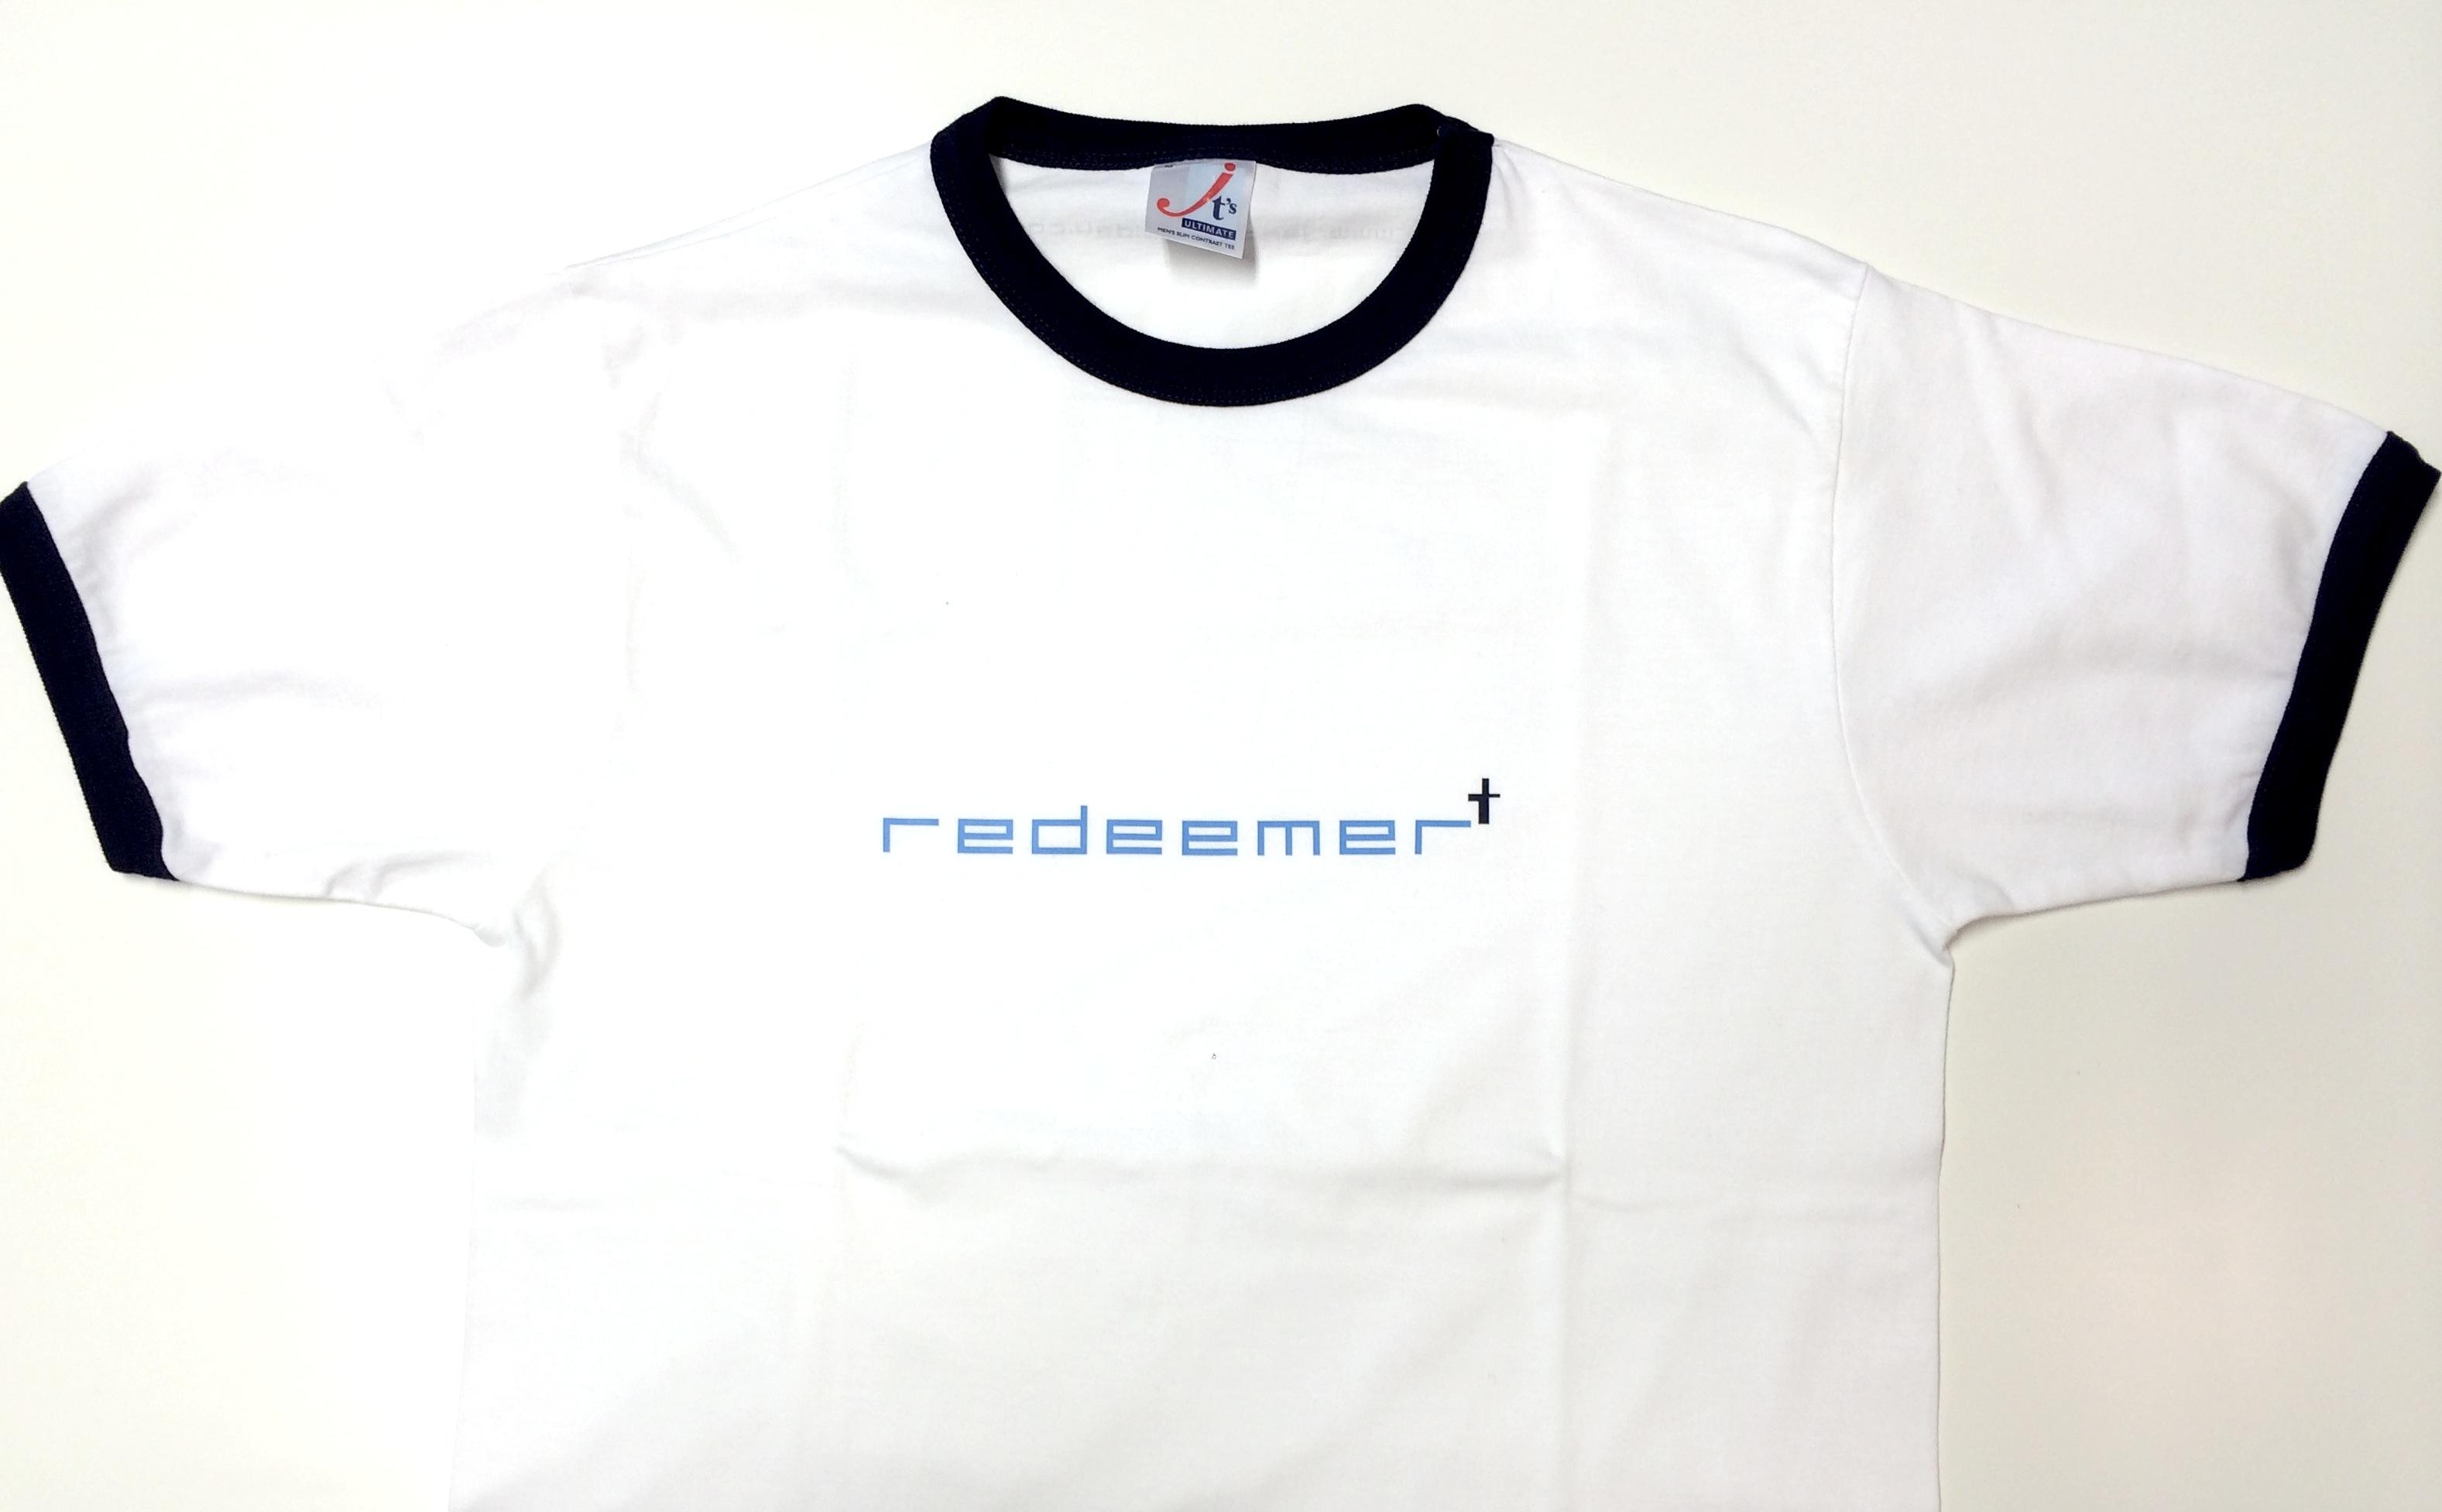 janosch moldau redeemer t-shirt